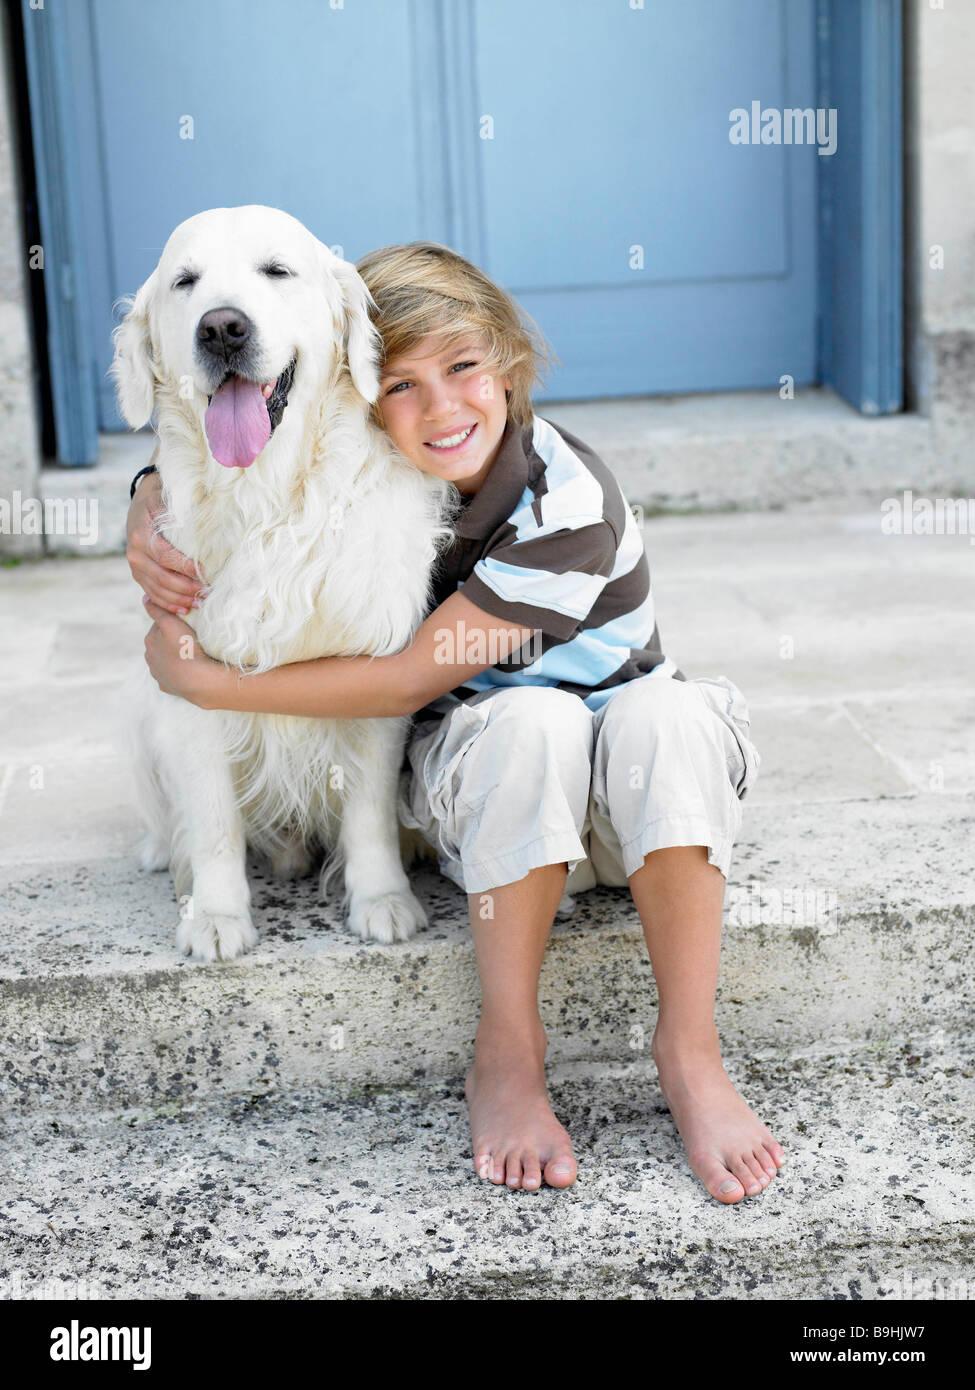 Ragazzo con cane sul gradino della porta Immagini Stock